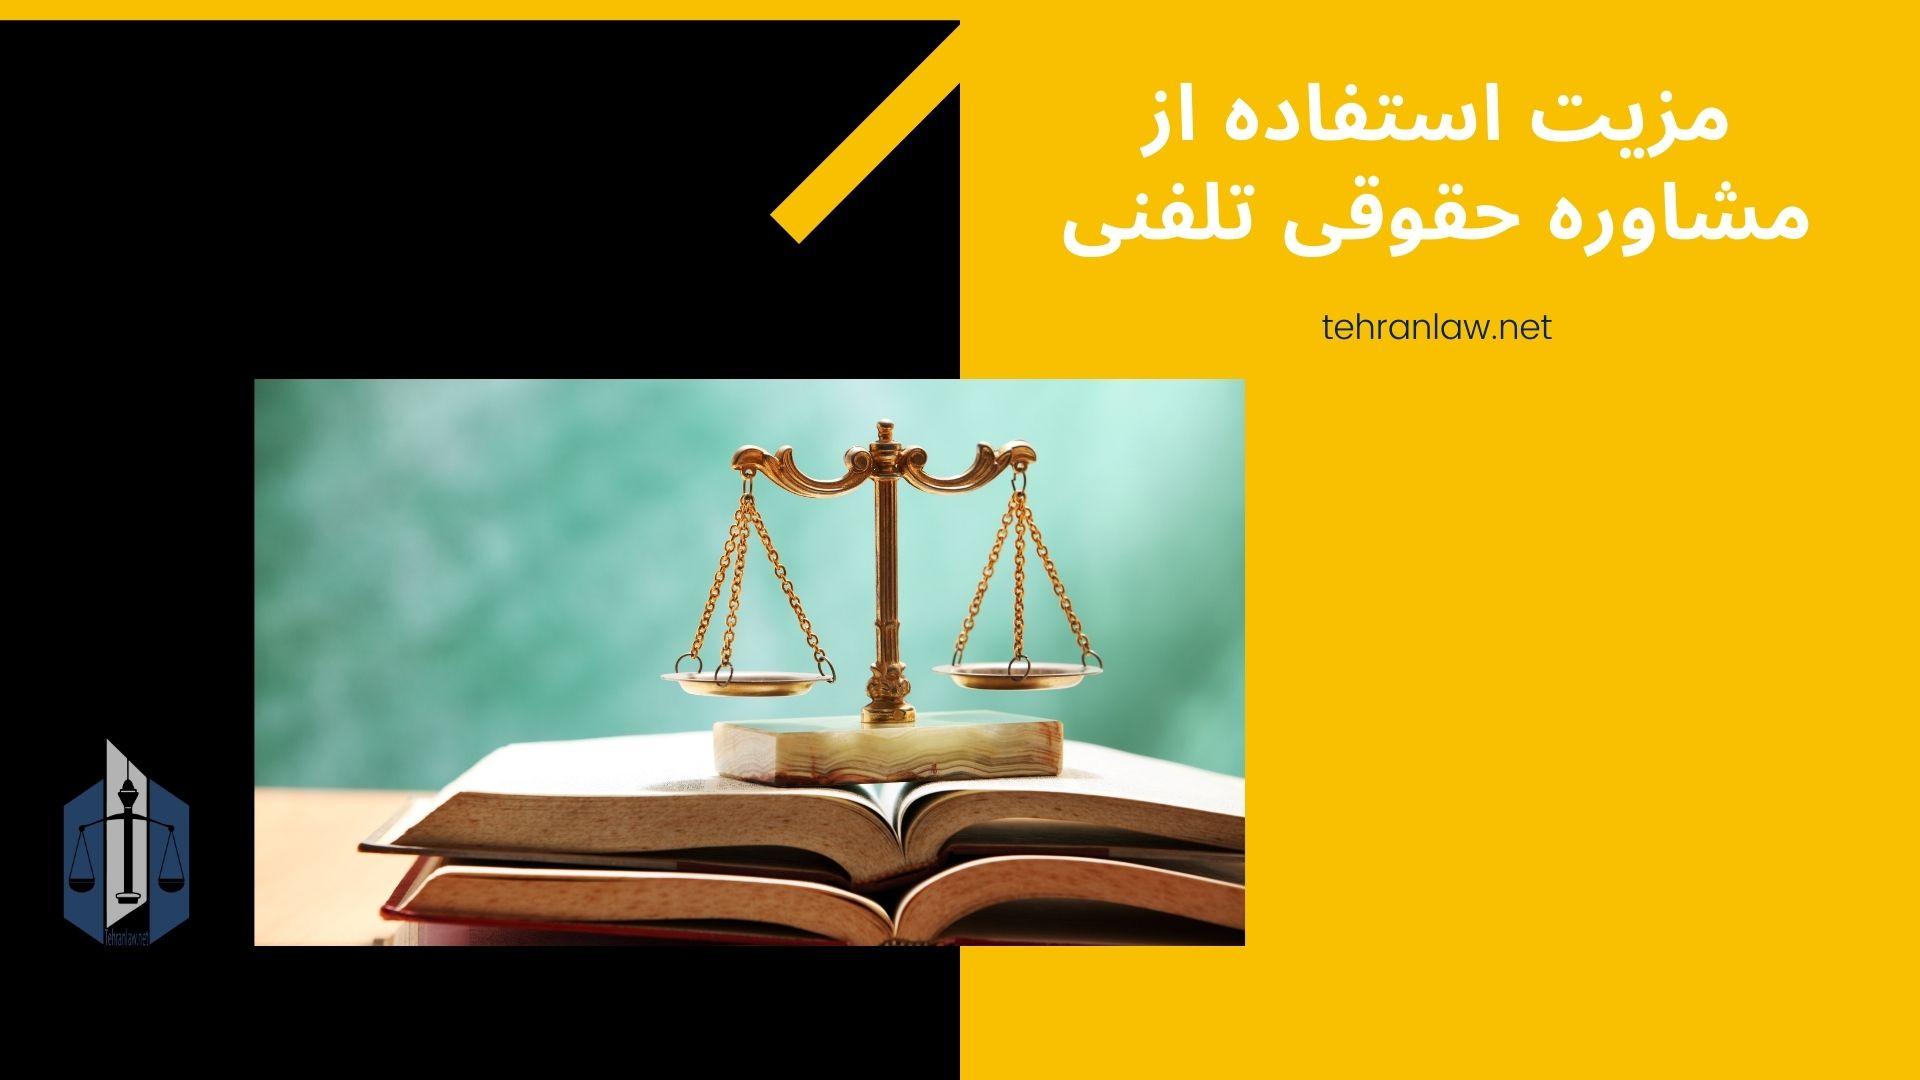 مزیت استفاده از مشاوره حقوقی تلفنی